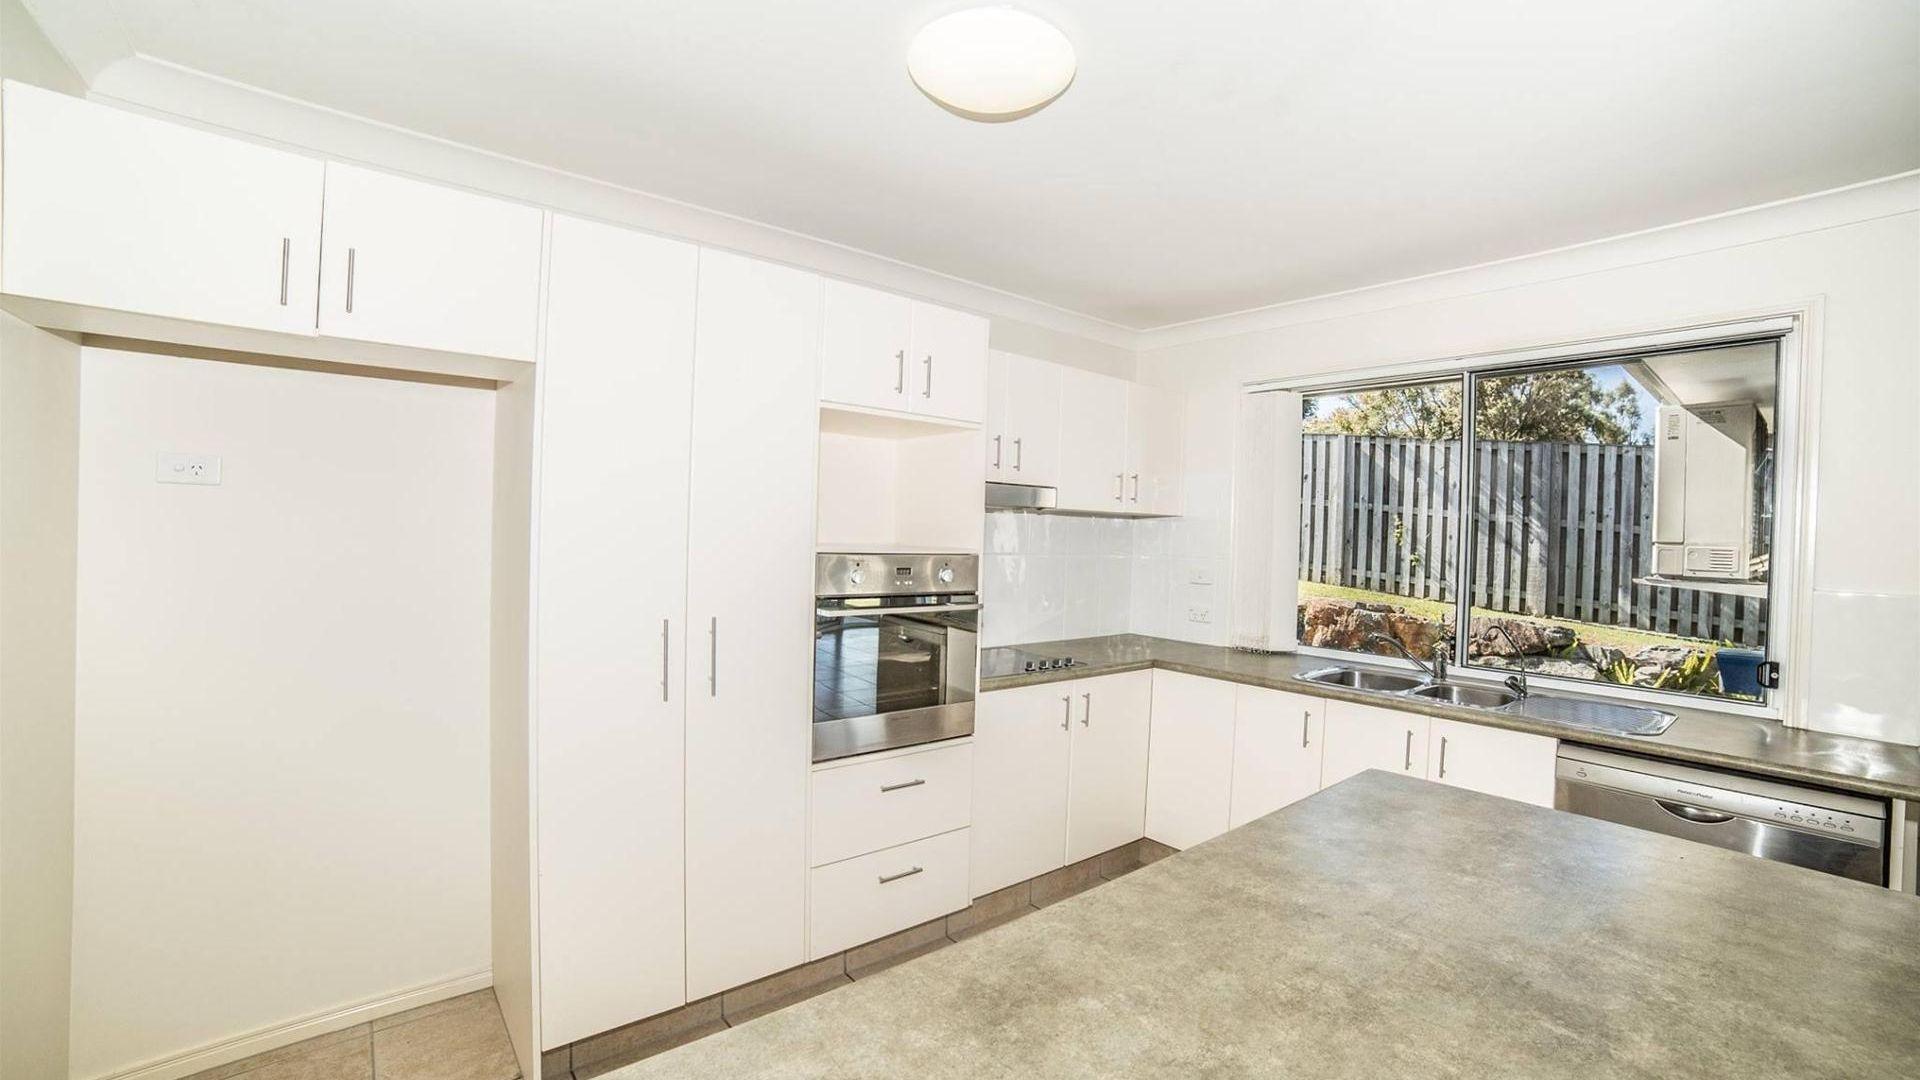 37 Garawarra Crescent, Upper Coomera QLD 4209, Image 1